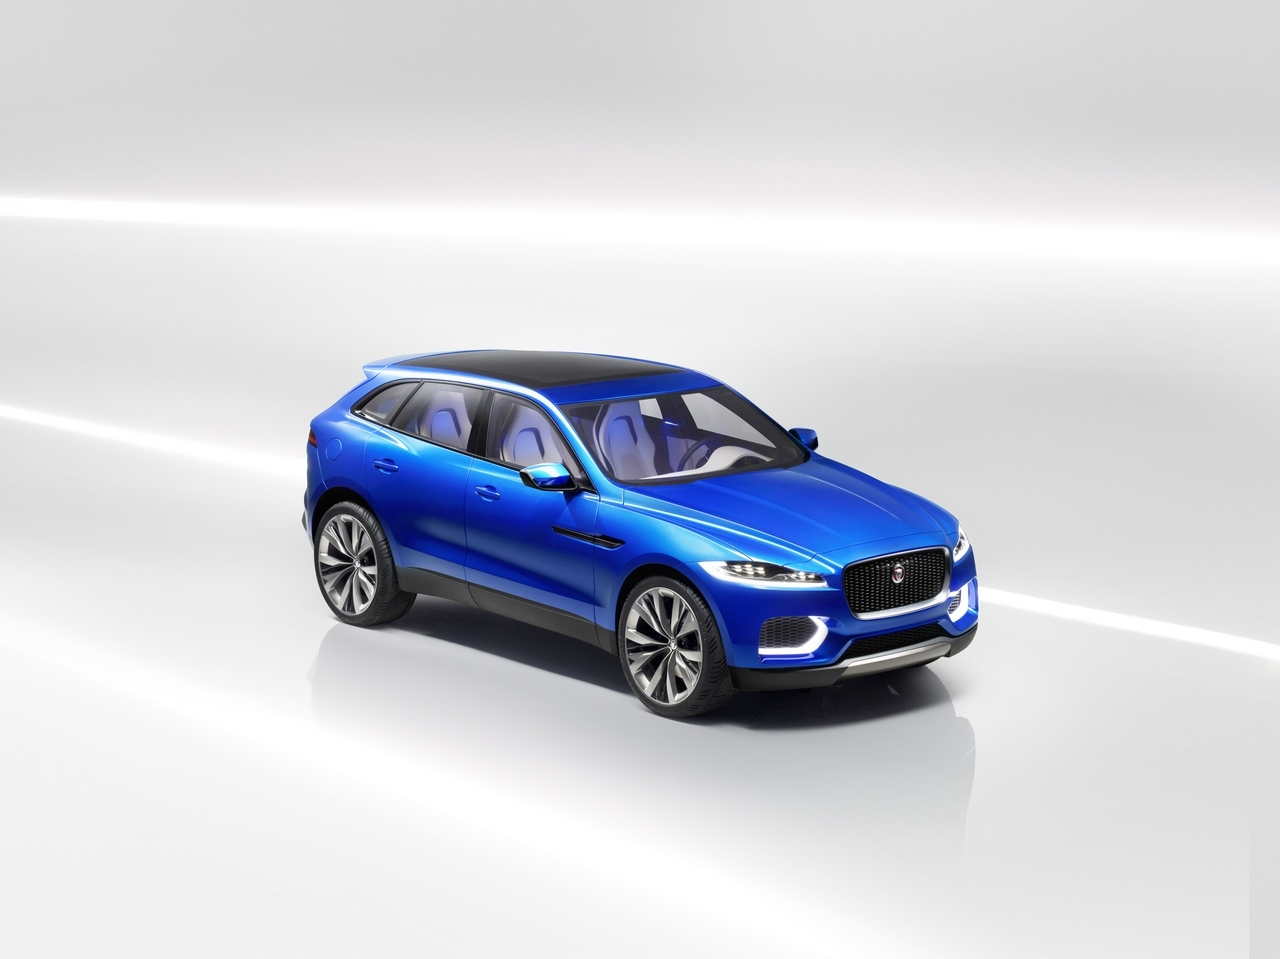 jaguar-c-x17-sports-crossover-concept_40-100